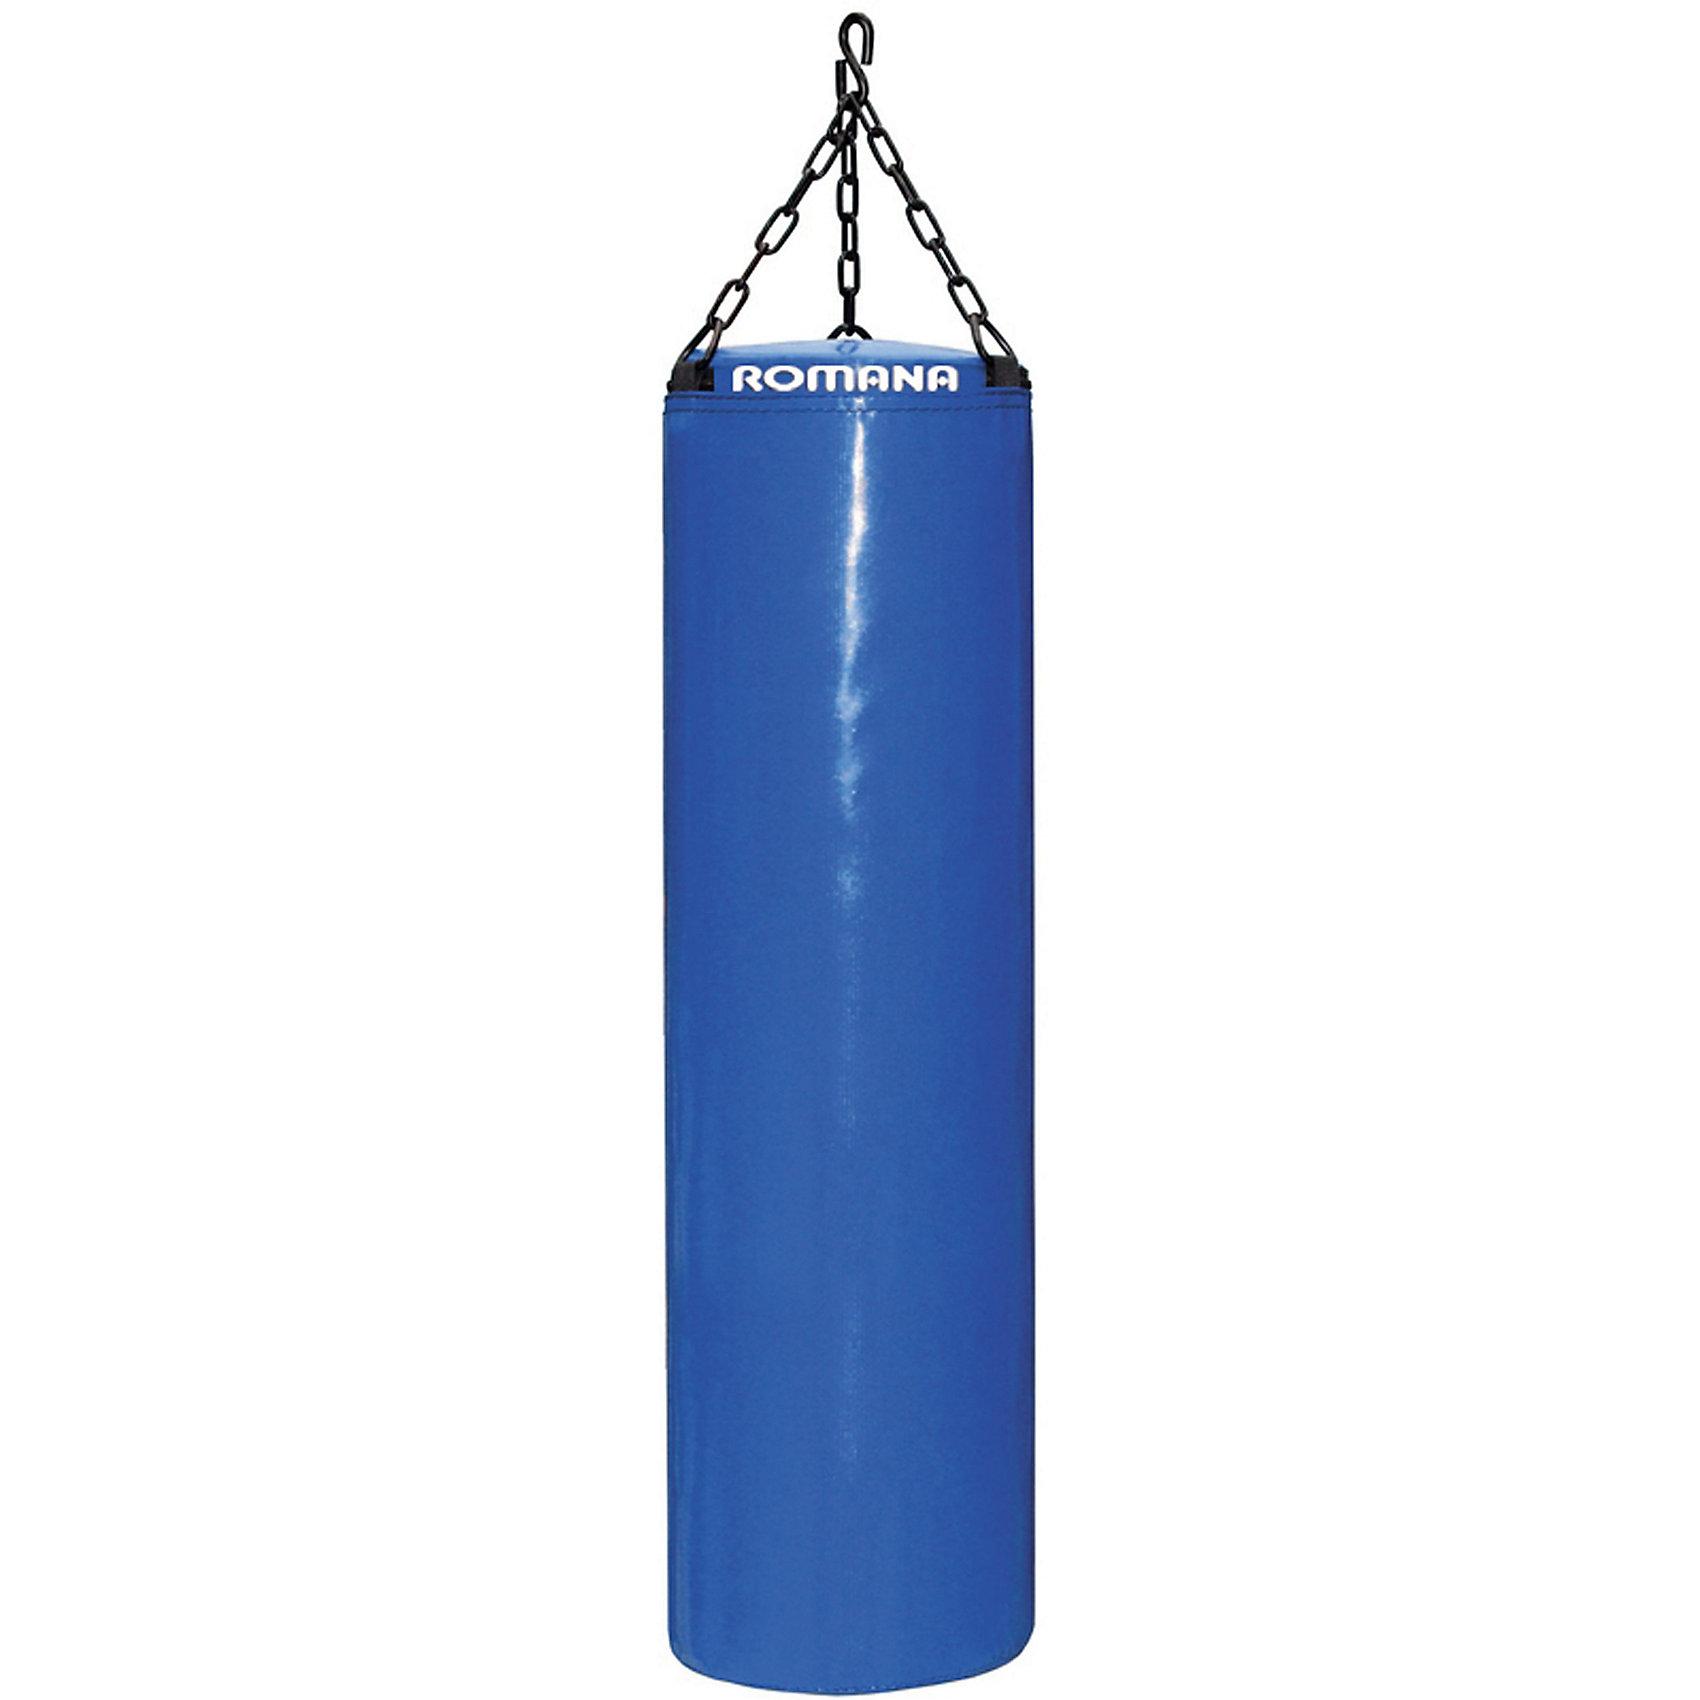 Мешок боксерский, вес 20кг, ROMANAИнвентарь для бокса<br>Малыш мечтает себя почувствовать звездой бокса? Подарите ему настоящий боксерский мешок! Данная модель предназначена как дополнительный элемент к детскому домашнему спортивному комплексу. Игры и спортивные упражнения с тренажером развивают координацию, укрепляют мышцы и тренируют физическую форму. Все детали легко очищаются даже от самых сложных загрязнений. Материалы, использованные при изготовлении изделия, абсолютно безопасны для детей и отвечают всем международным требованиям по качеству. <br><br>Дополнительная информация: <br><br>цвет: в ассортименте;<br>размер: 20 х 20 х 40 см;<br>вес: в ассортименте;<br>вес: 20 кг;<br>материал: поролон, винилискожа.<br><br>Детский боксерский мешок от компании ROMANA можно приобрести в нашем магазине.<br><br>Ширина мм: 600<br>Глубина мм: 300<br>Высота мм: 300<br>Вес г: 20000<br>Возраст от месяцев: 120<br>Возраст до месяцев: 144<br>Пол: Унисекс<br>Возраст: Детский<br>SKU: 4993356